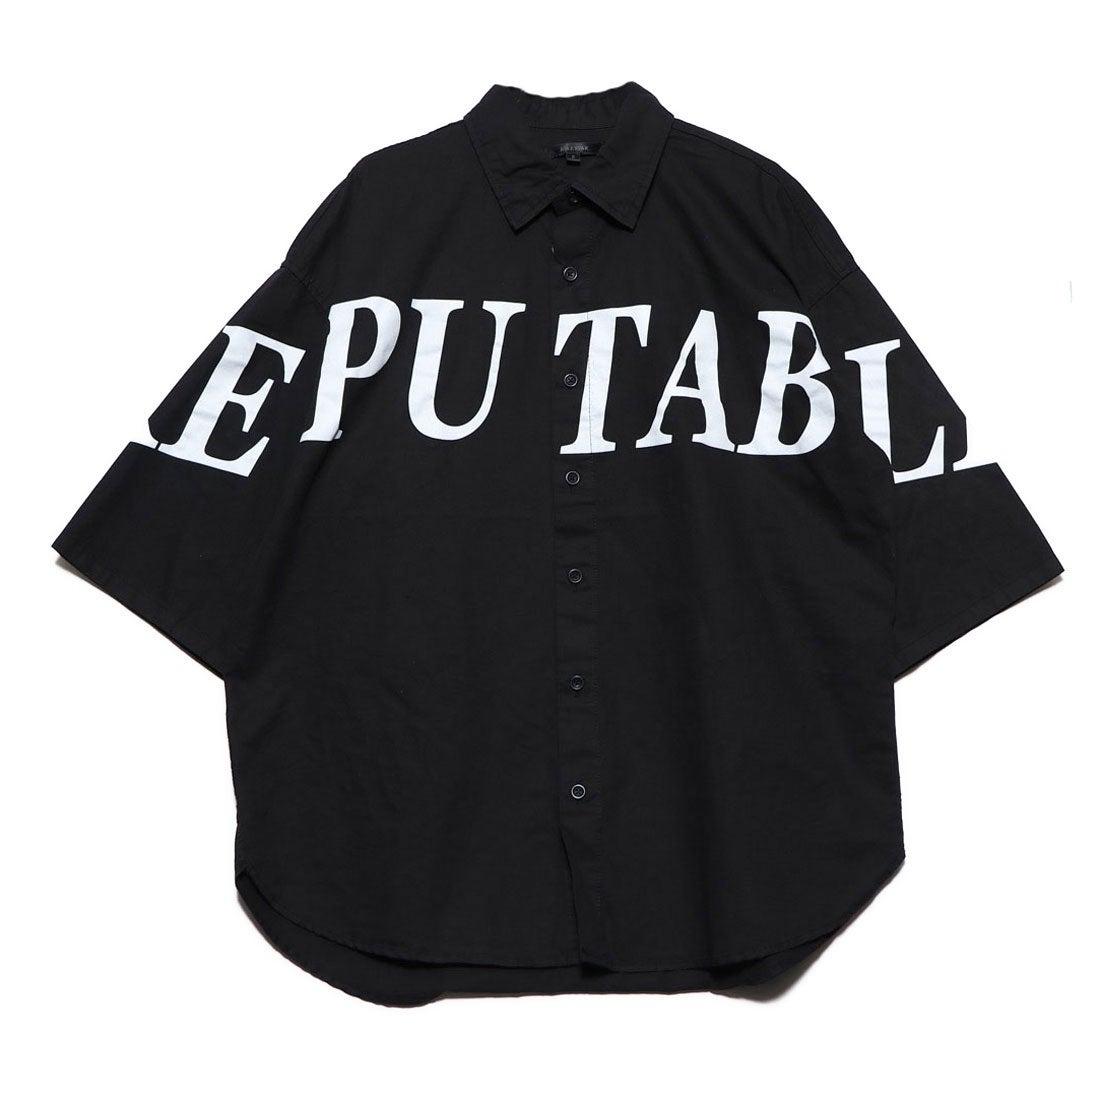 ロコンド 靴とファッションの通販サイトスタイルブロック STYLEBLOCK デコレーション半袖ビッグシャツ (ブラック)